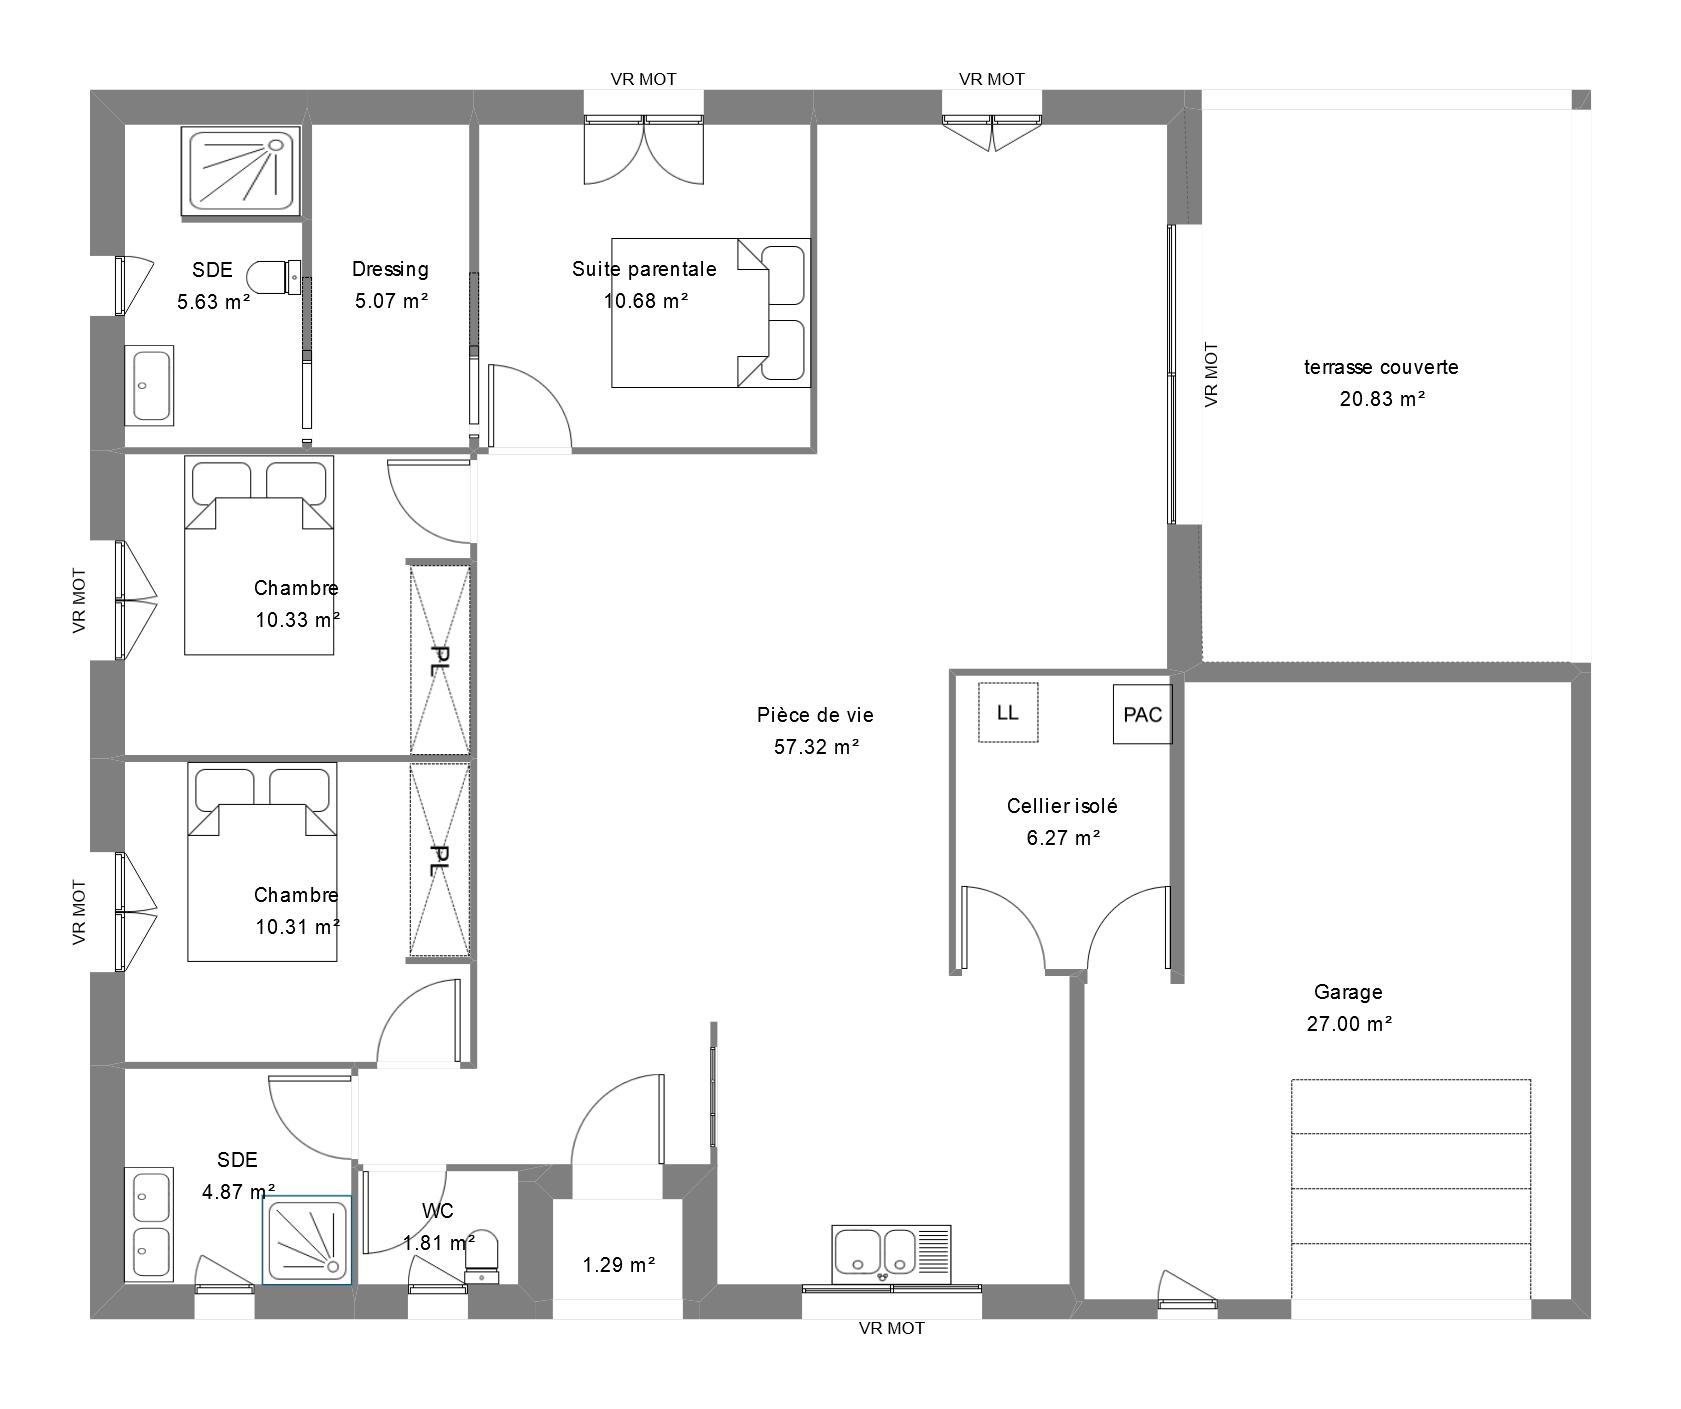 Plan d'une maison avec 3 chambres dont une suite parentale avec dressing et salle d'eau, et un garage